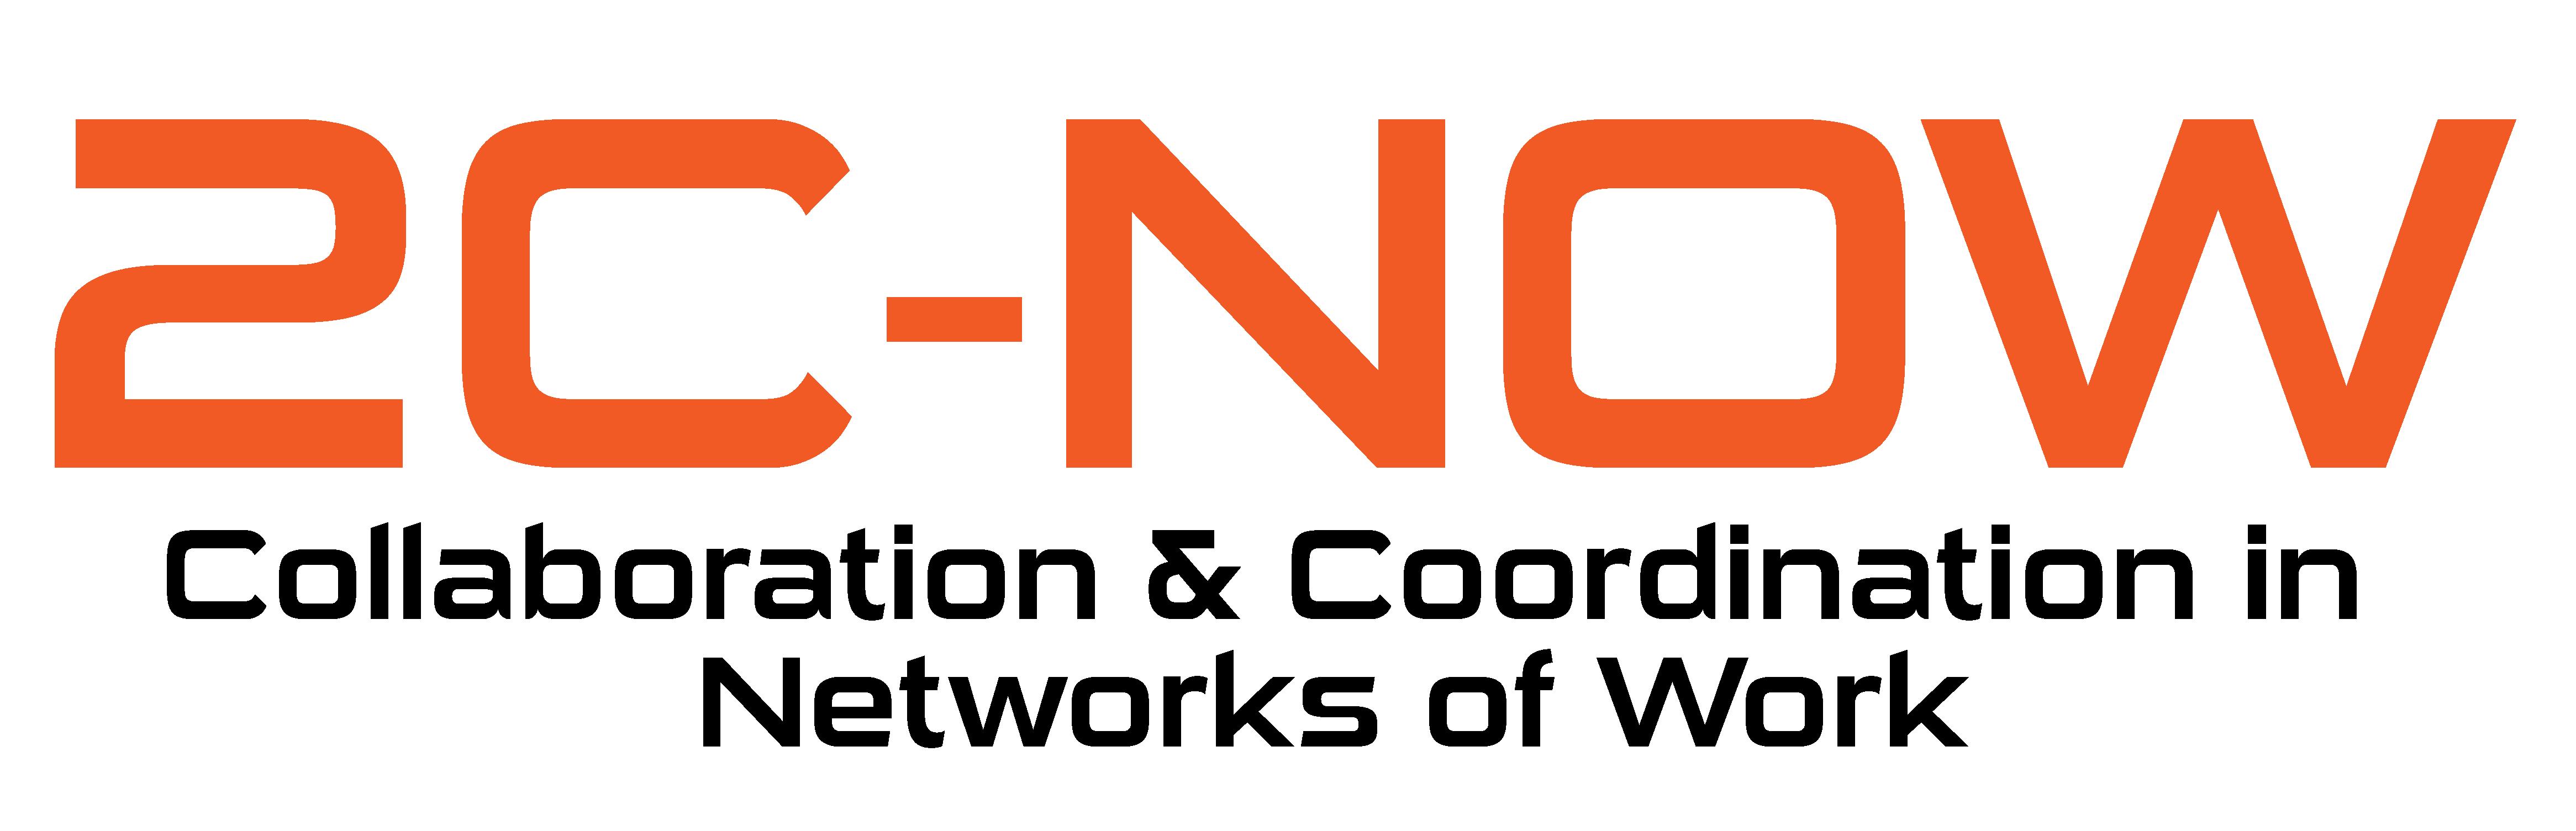 2C-NOW-orange-300dpi-transparent